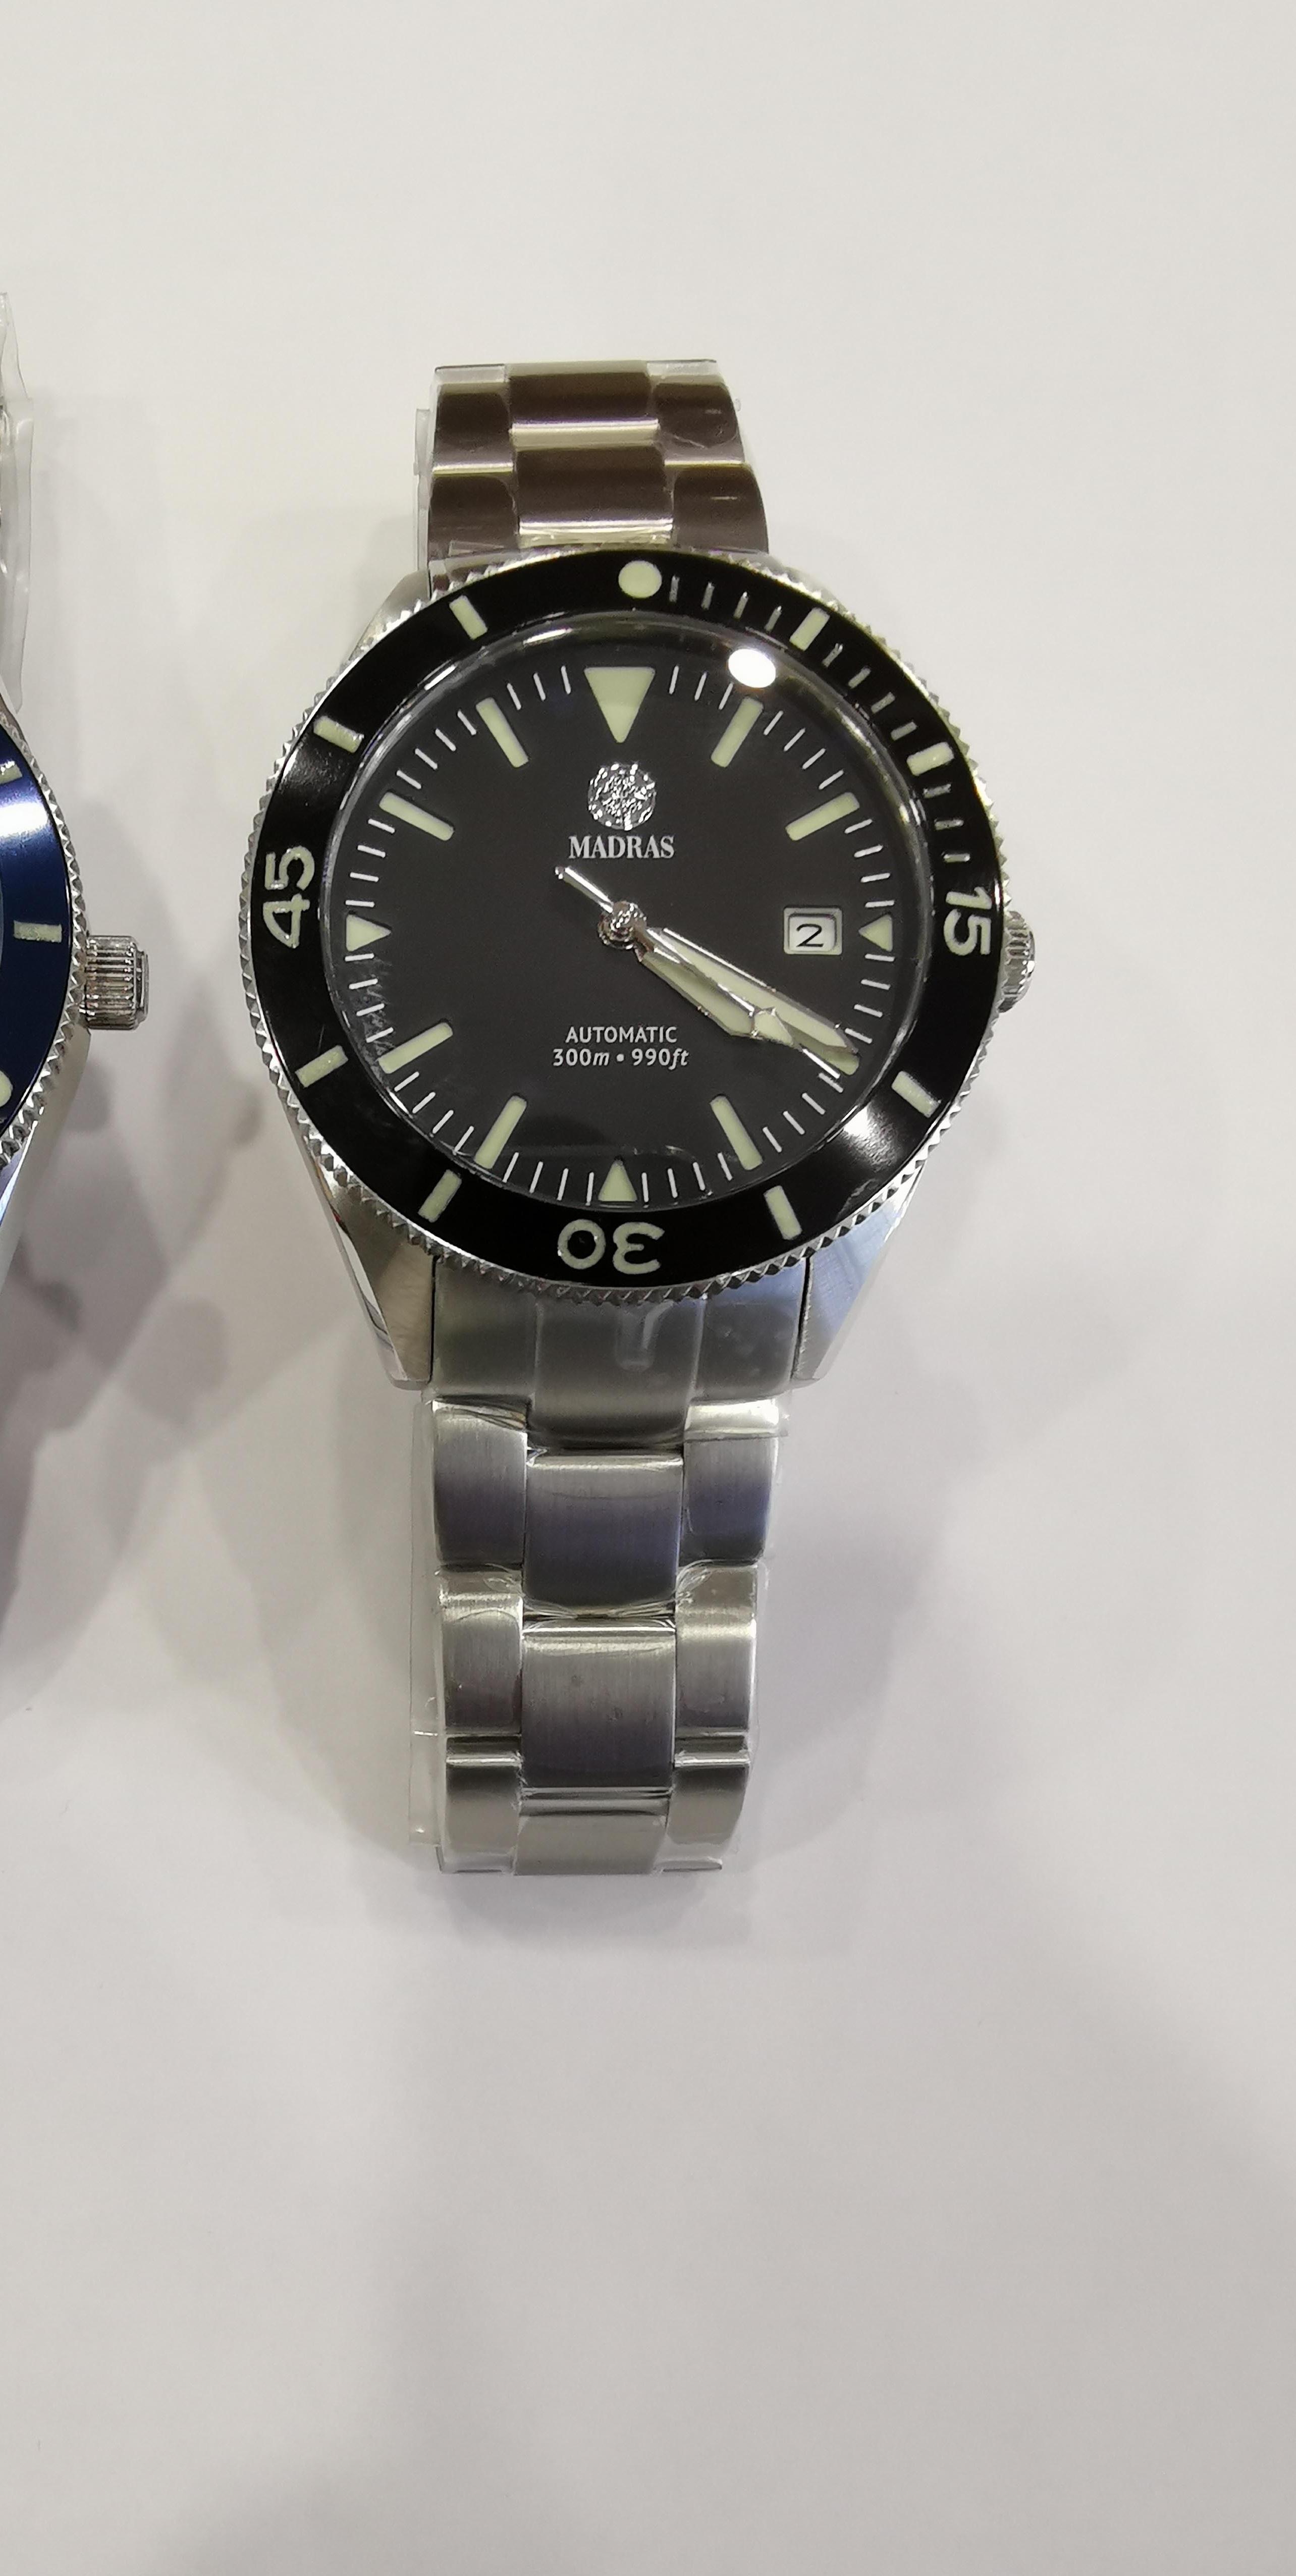 Name:  300M waterproof watch-1.jpg Views: 50 Size:  1.15 MB